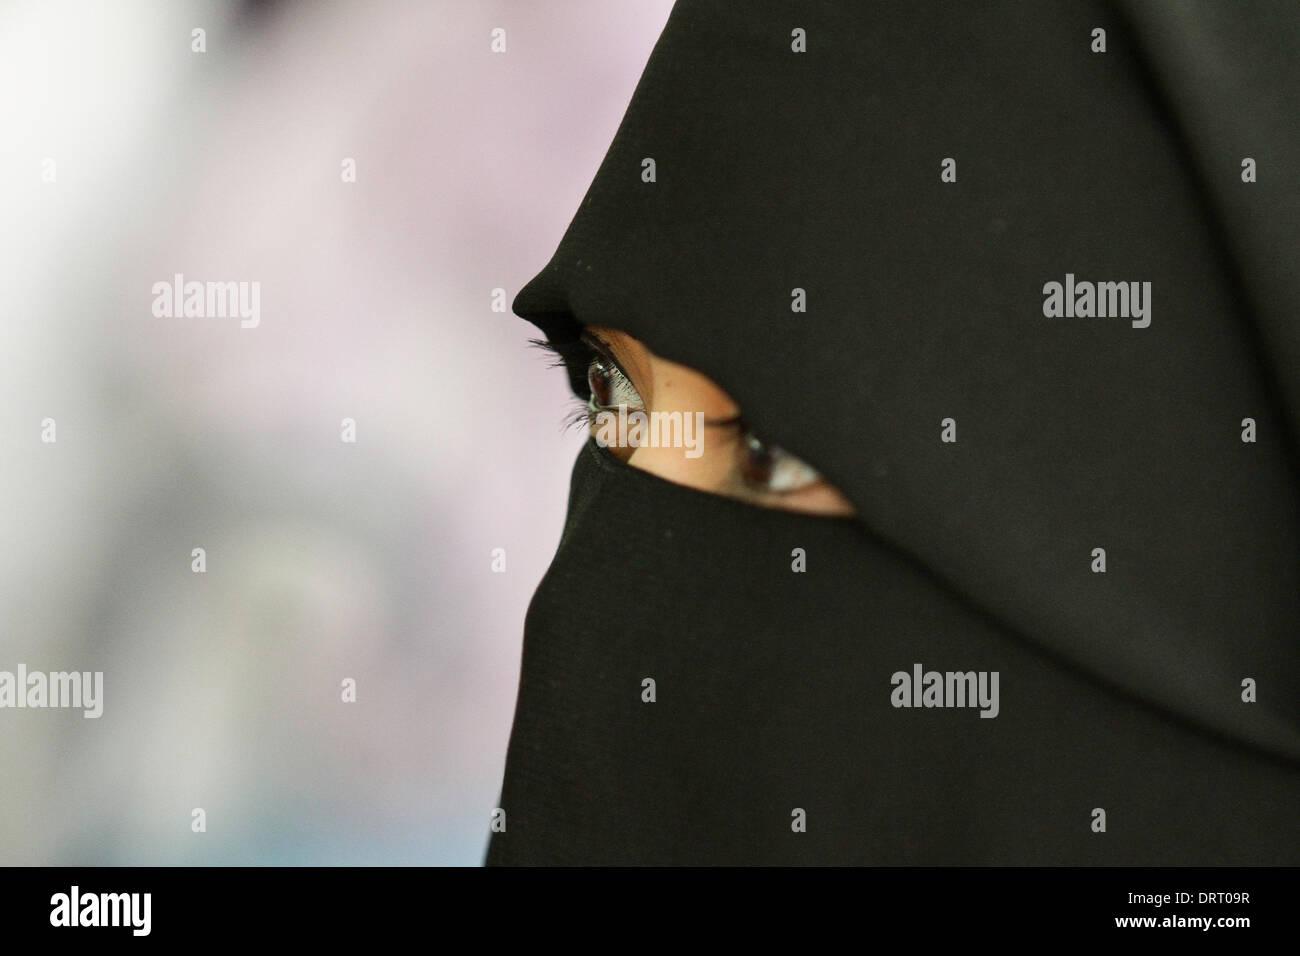 Quezon, Philippines. 1er février, 2014. Une femme musulmane portant un hijab face entière assiste à l'Organisation mondiale de Hijad programme journée à Quezon City le 1 février 2014. Dans monde Hijab day, les femmes des pays musulmans et non musulmans les femmes sont invitées à porter le hijab (voile) pour une journée pour promouvoir la tolérance religieuse et de comprendre pourquoi les femmes musulmanes portent le hijab. Credit: Mark Fredesjed Cristino/Alamy Live News Photo Stock